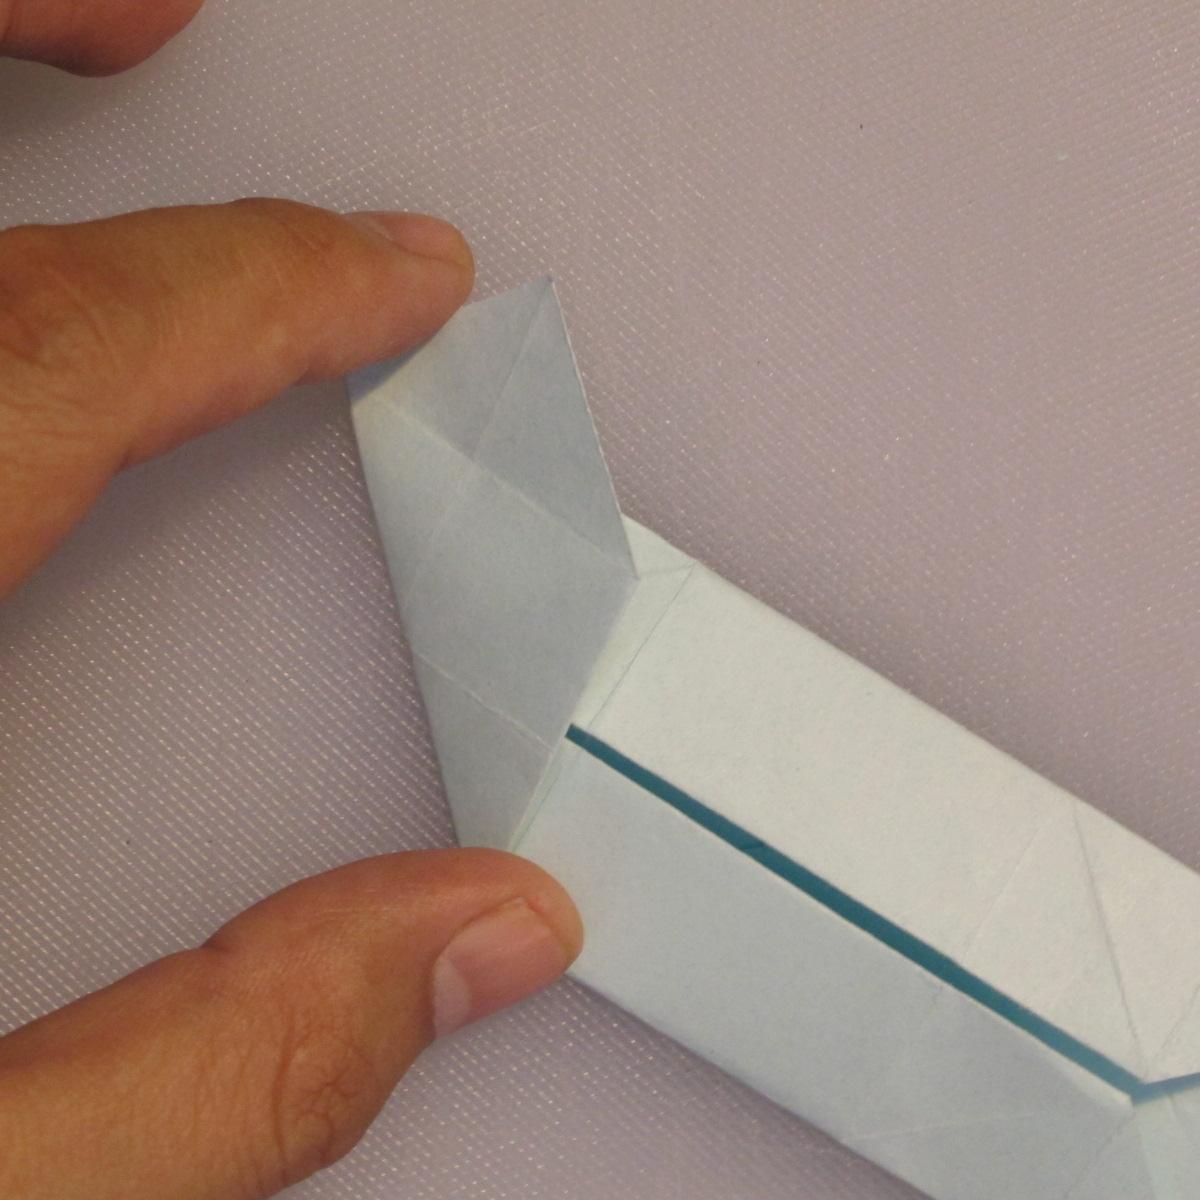 วิธีพับกระดาษเป็นรูปกล่อง 009